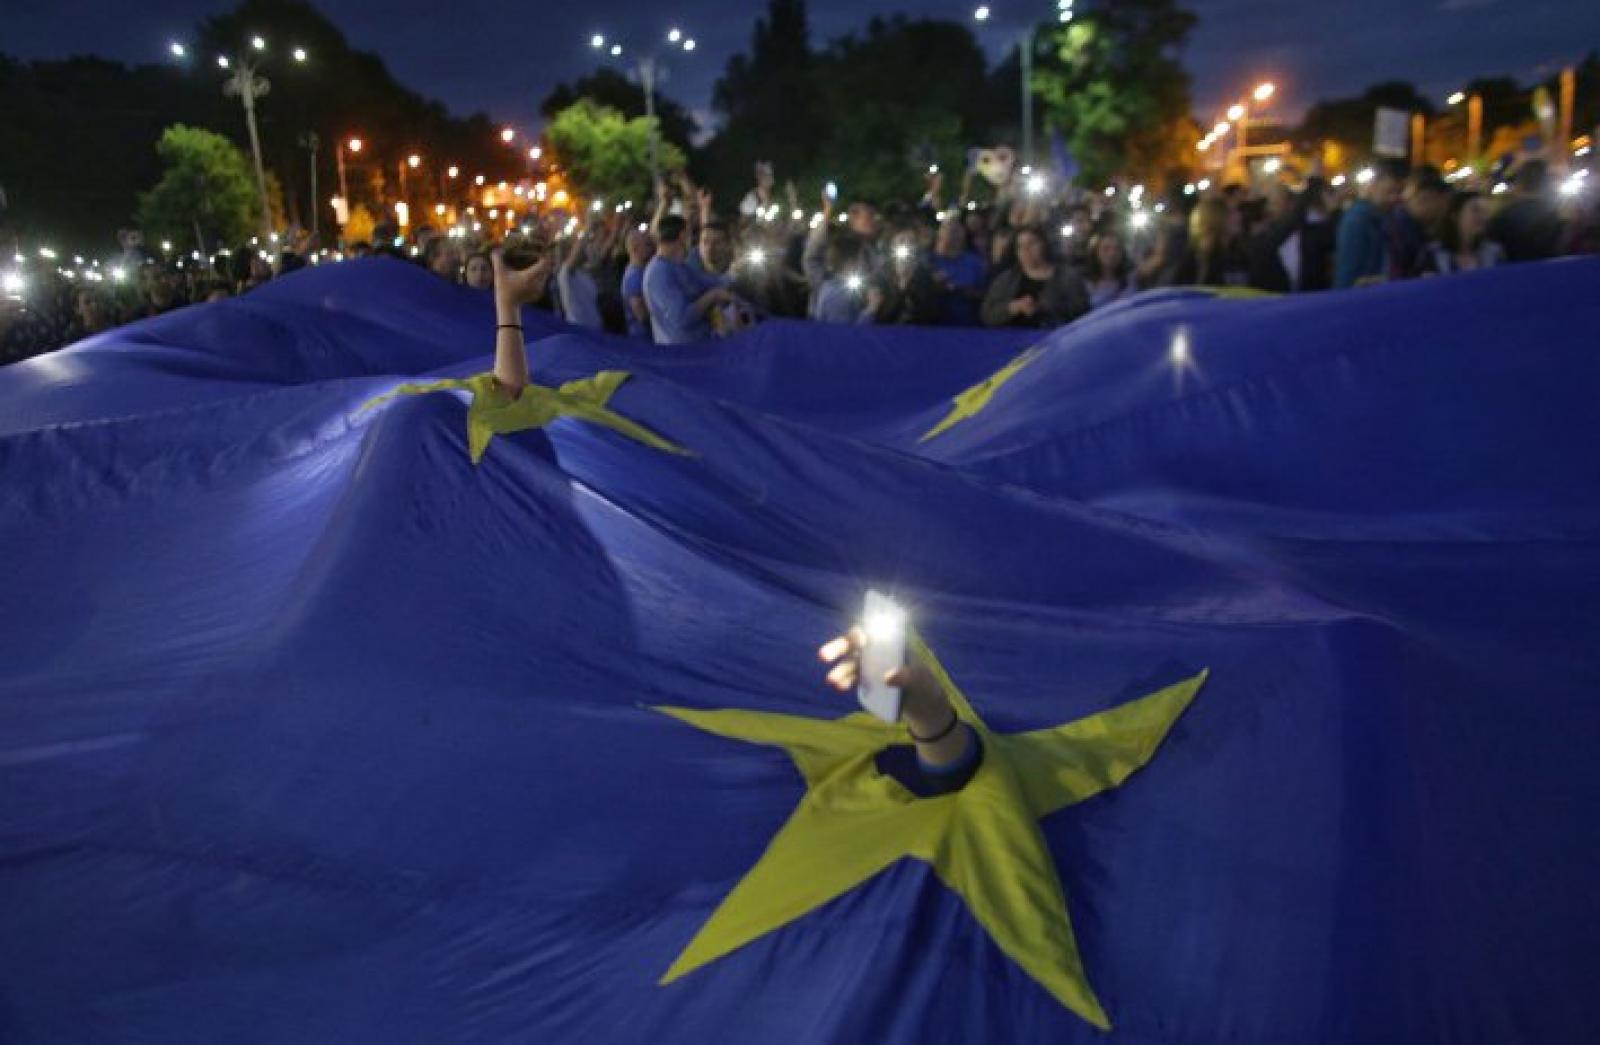 """(foto) """"Vrem Europa, nu dictatură"""". Românii au ieșit în stradă pentru a protesta"""